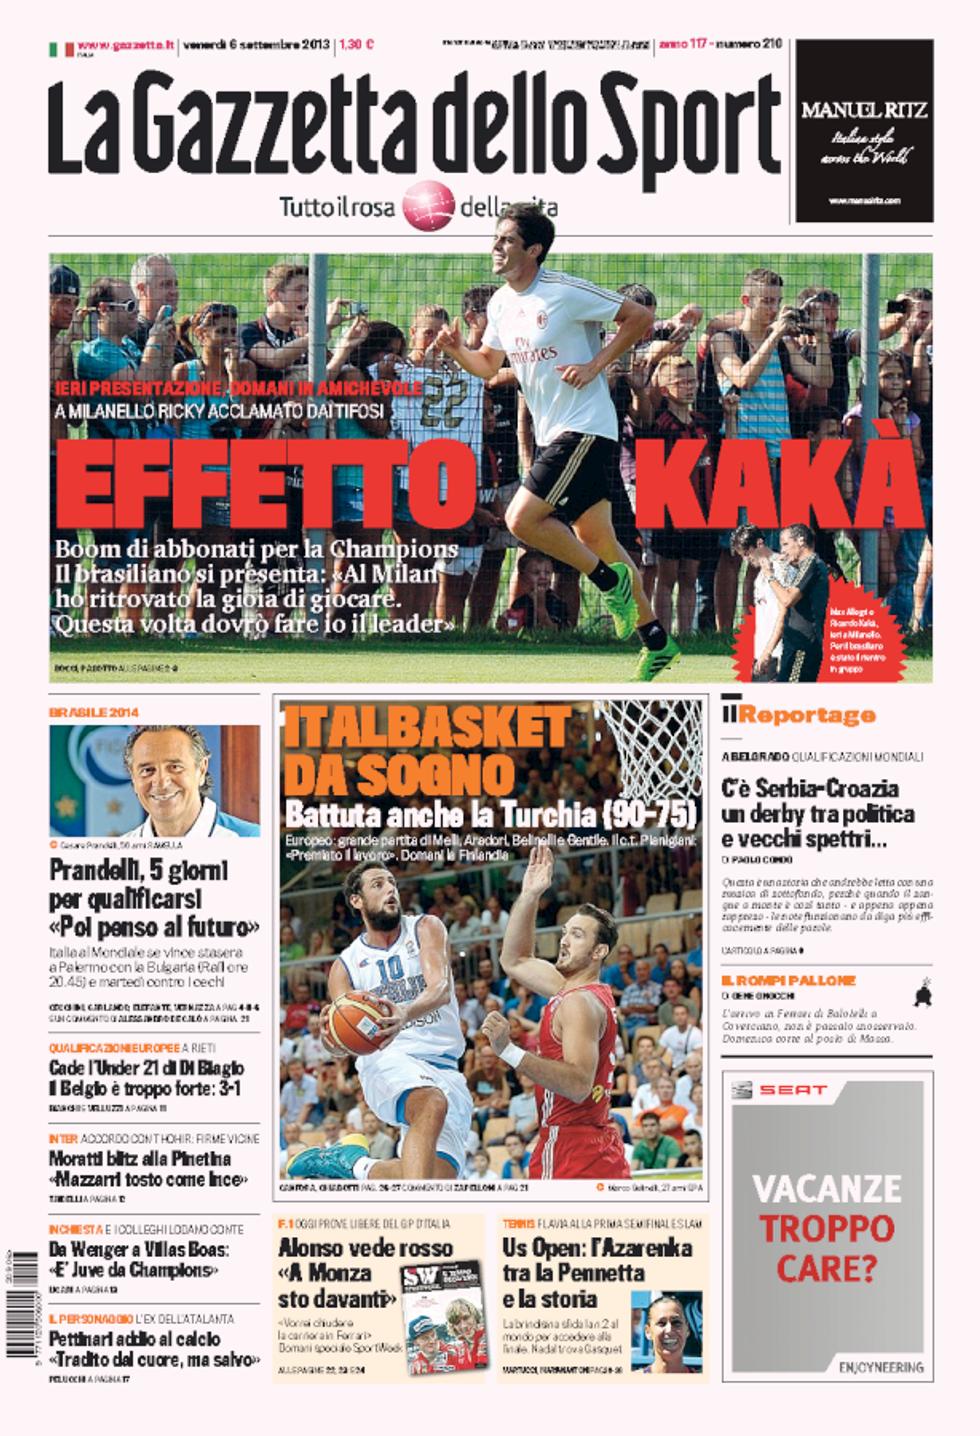 RASSEGNA - Il giorno dell'Italia e l'impresa del basket